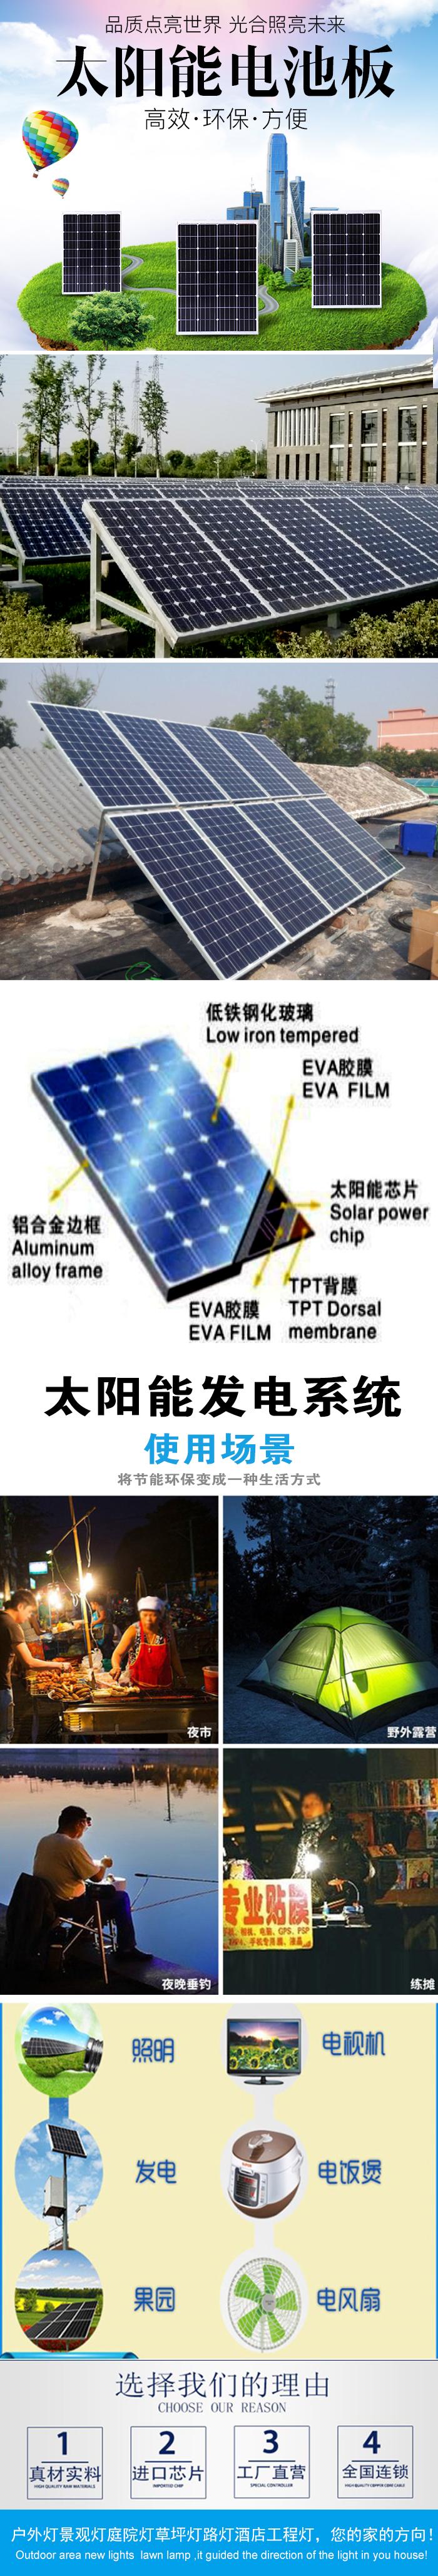 太阳能发电系统1